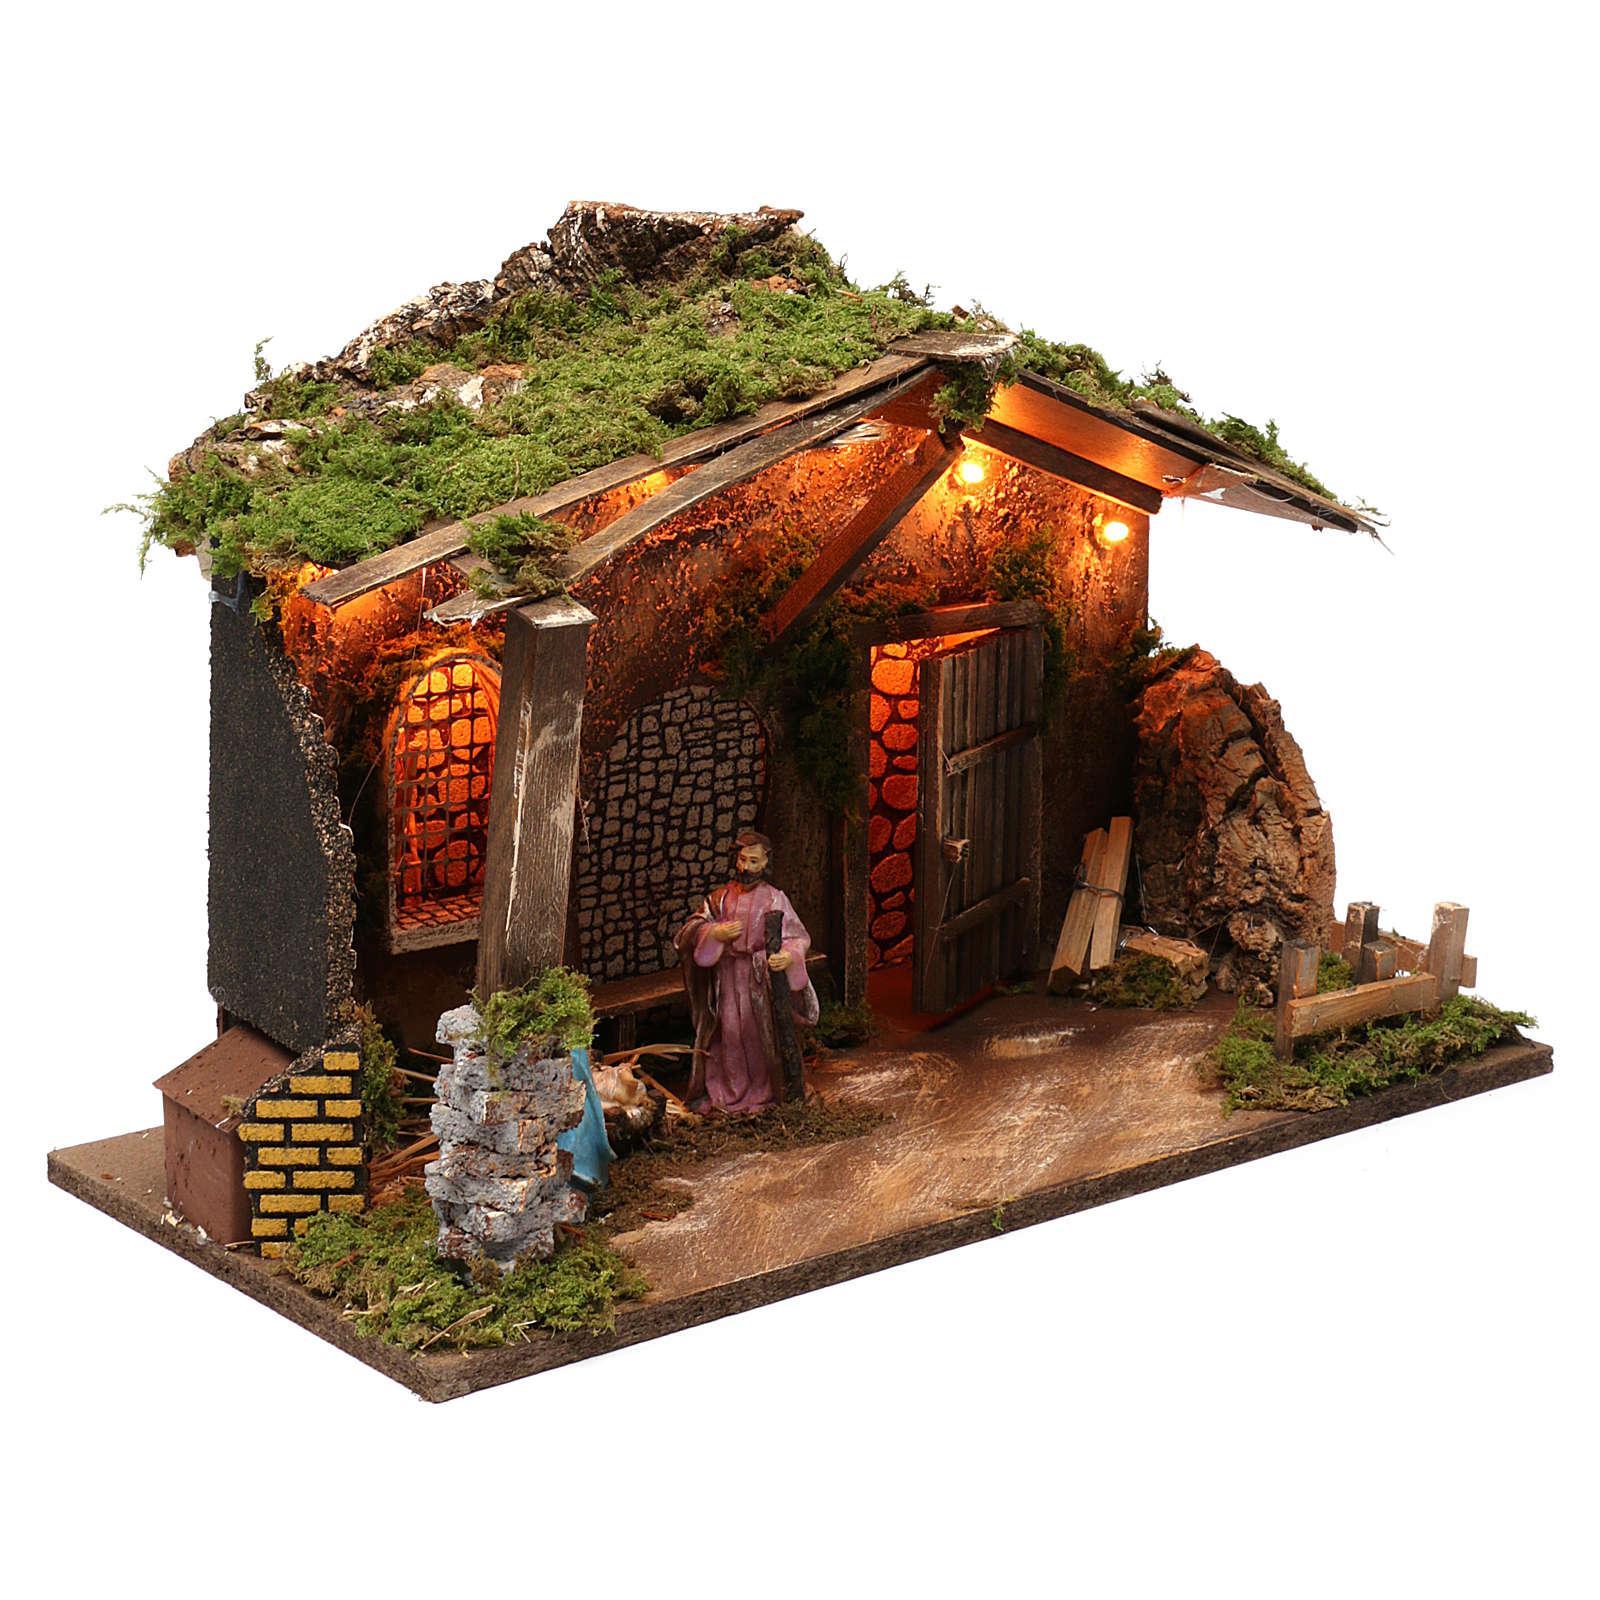 Cabane pour crèche 10 cm avec nativité et éclairage 40x50x30 cm 4